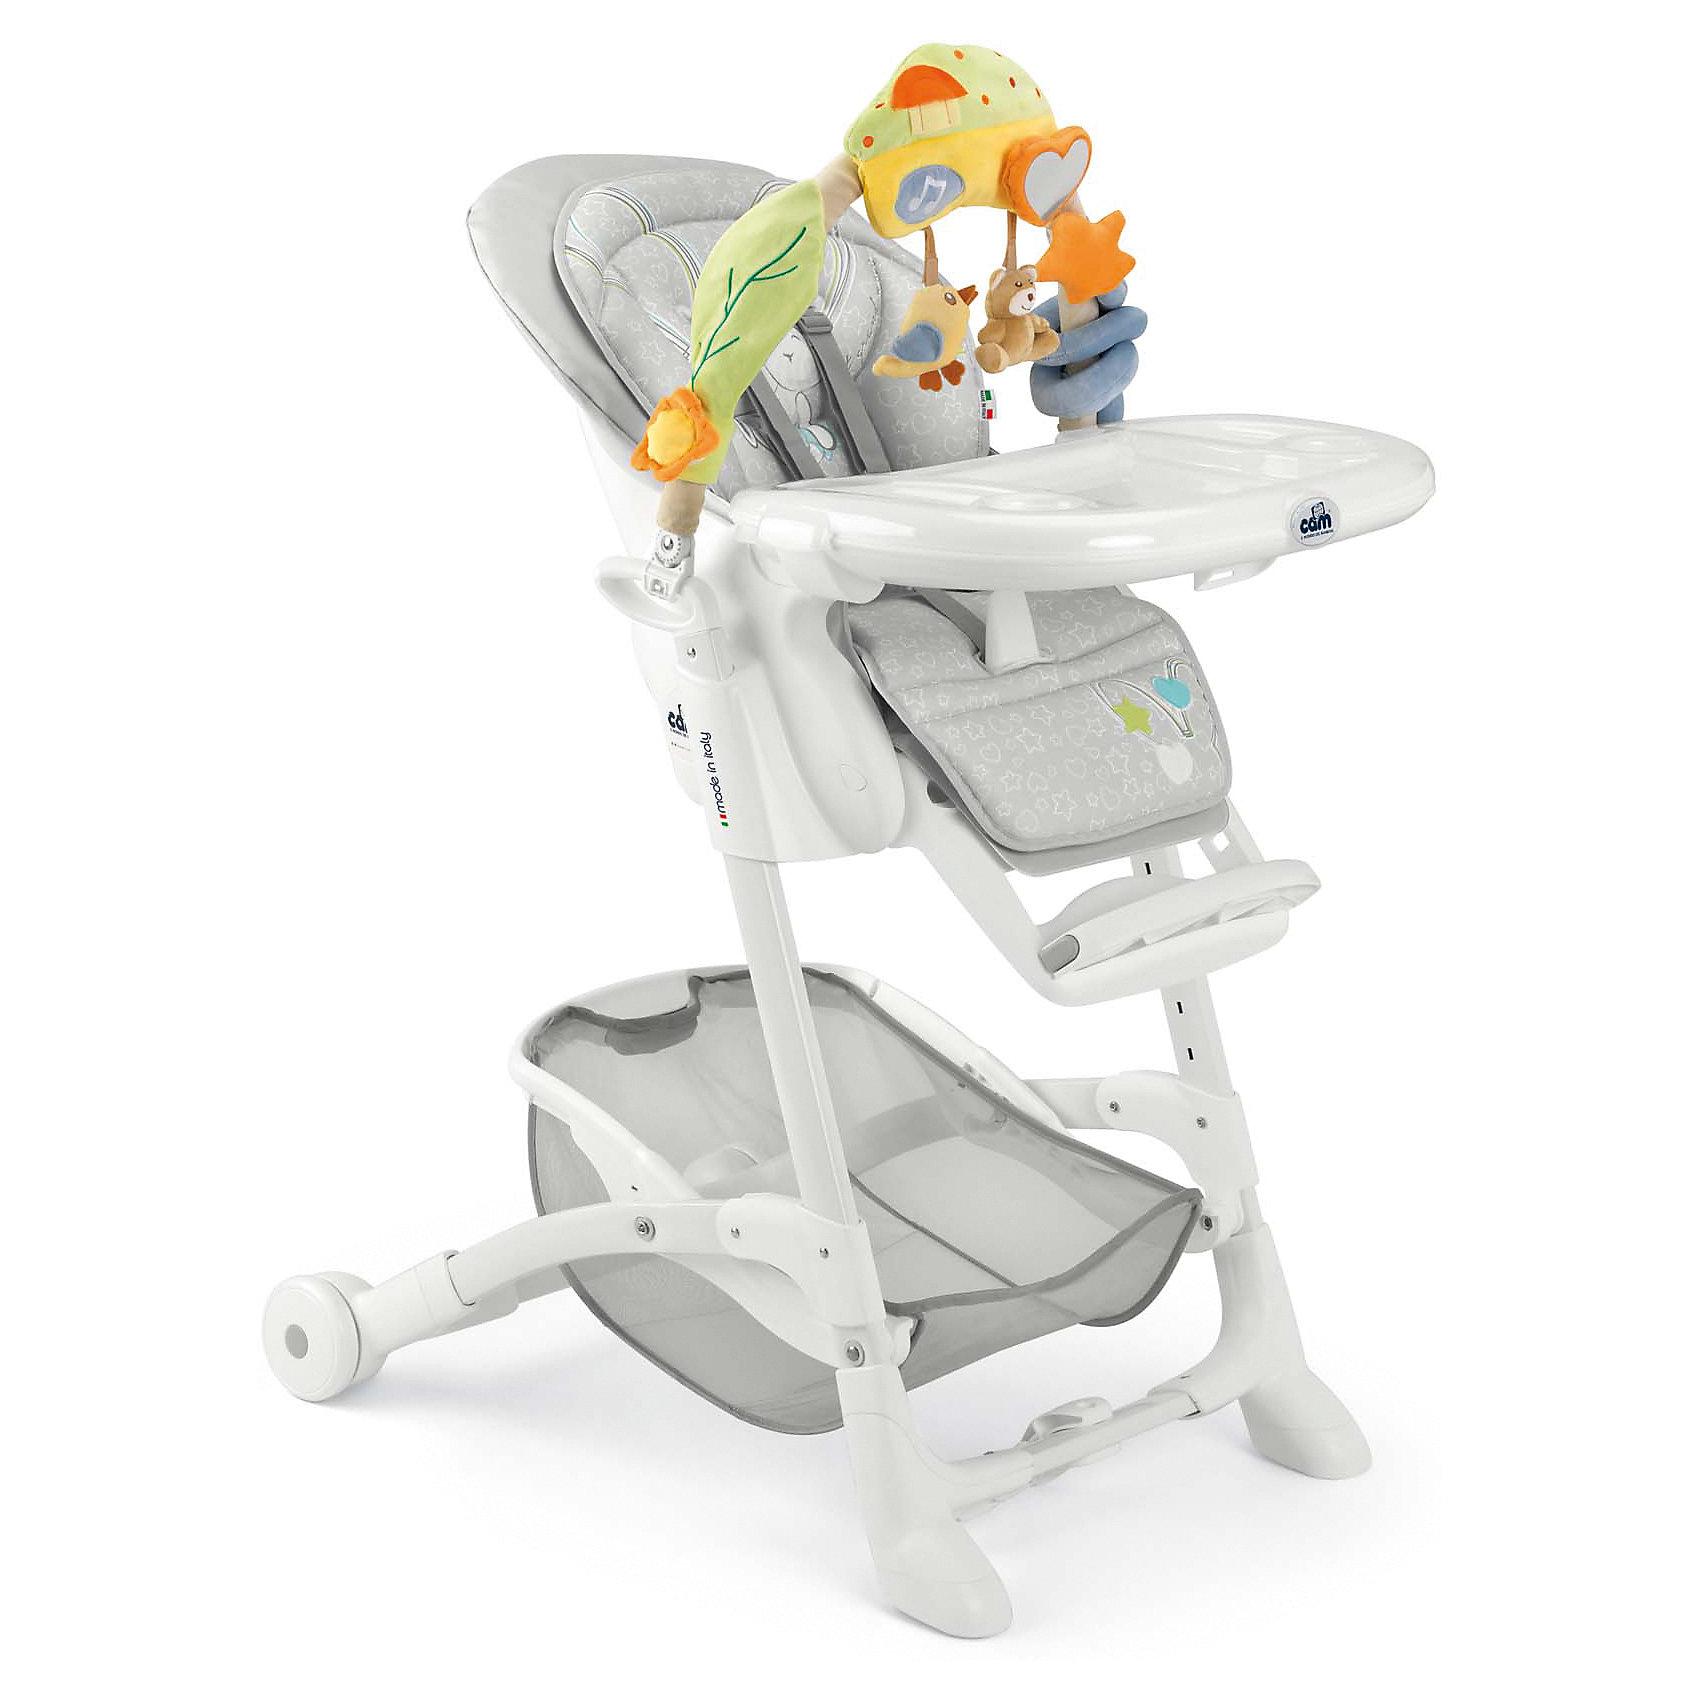 Стульчик для кормления Istante Зайчик, CAM, серыйот рождения<br>Очень удобный и комфортный стульчик для кормления обязательно понравится малышам! Мягкое сиденье с регулируемой в пяти положениях спинкой, страховочными ремнями и удобным разделителем для ног обеспечит малышам комфорт и безопасность. Стульчик имеет колесики, облегчающие перемещение по квартире; удобную подставку для ножек ребенка; съемный стол можно мыть в посудомоечной машине. Стул выполнен в приятной цветовой гамме, изготовлен из высококачественных прочных и экологичных материалов. Передняя часть рамы снабжена нескользящими ножками, которые обеспечивают дополнительную безопасность. Под сиденьем располагается большая корзина для игрушек и вещей. <br><br>Дополнительная информация:<br><br>- Материал: пластик, металл, <br>- Размер: 80x65x105 см.<br>- Колесики.<br>- Вместительная корзина внизу. <br>- Нескользящие ножки.<br>- Регулируемый наклон спинки (5 положений, до положения лежа).<br>- Компактно складывается.<br>- Съемный стол (можно мыть в посудомоечной машине).<br>- Регулировка по высоте в 5 положениях. <br>- Регулируемая подножка.<br>- 5-ти точечные ремни безопасности.<br>- Чехол снимается и легко моется.<br><br>Стульчик для кормления Istante от CAM, голубой, можно купить в нашем магазине.<br><br>Ширина мм: 587<br>Глубина мм: 272<br>Высота мм: 970<br>Вес г: 12500<br>Возраст от месяцев: 0<br>Возраст до месяцев: 36<br>Пол: Унисекс<br>Возраст: Детский<br>SKU: 5545247